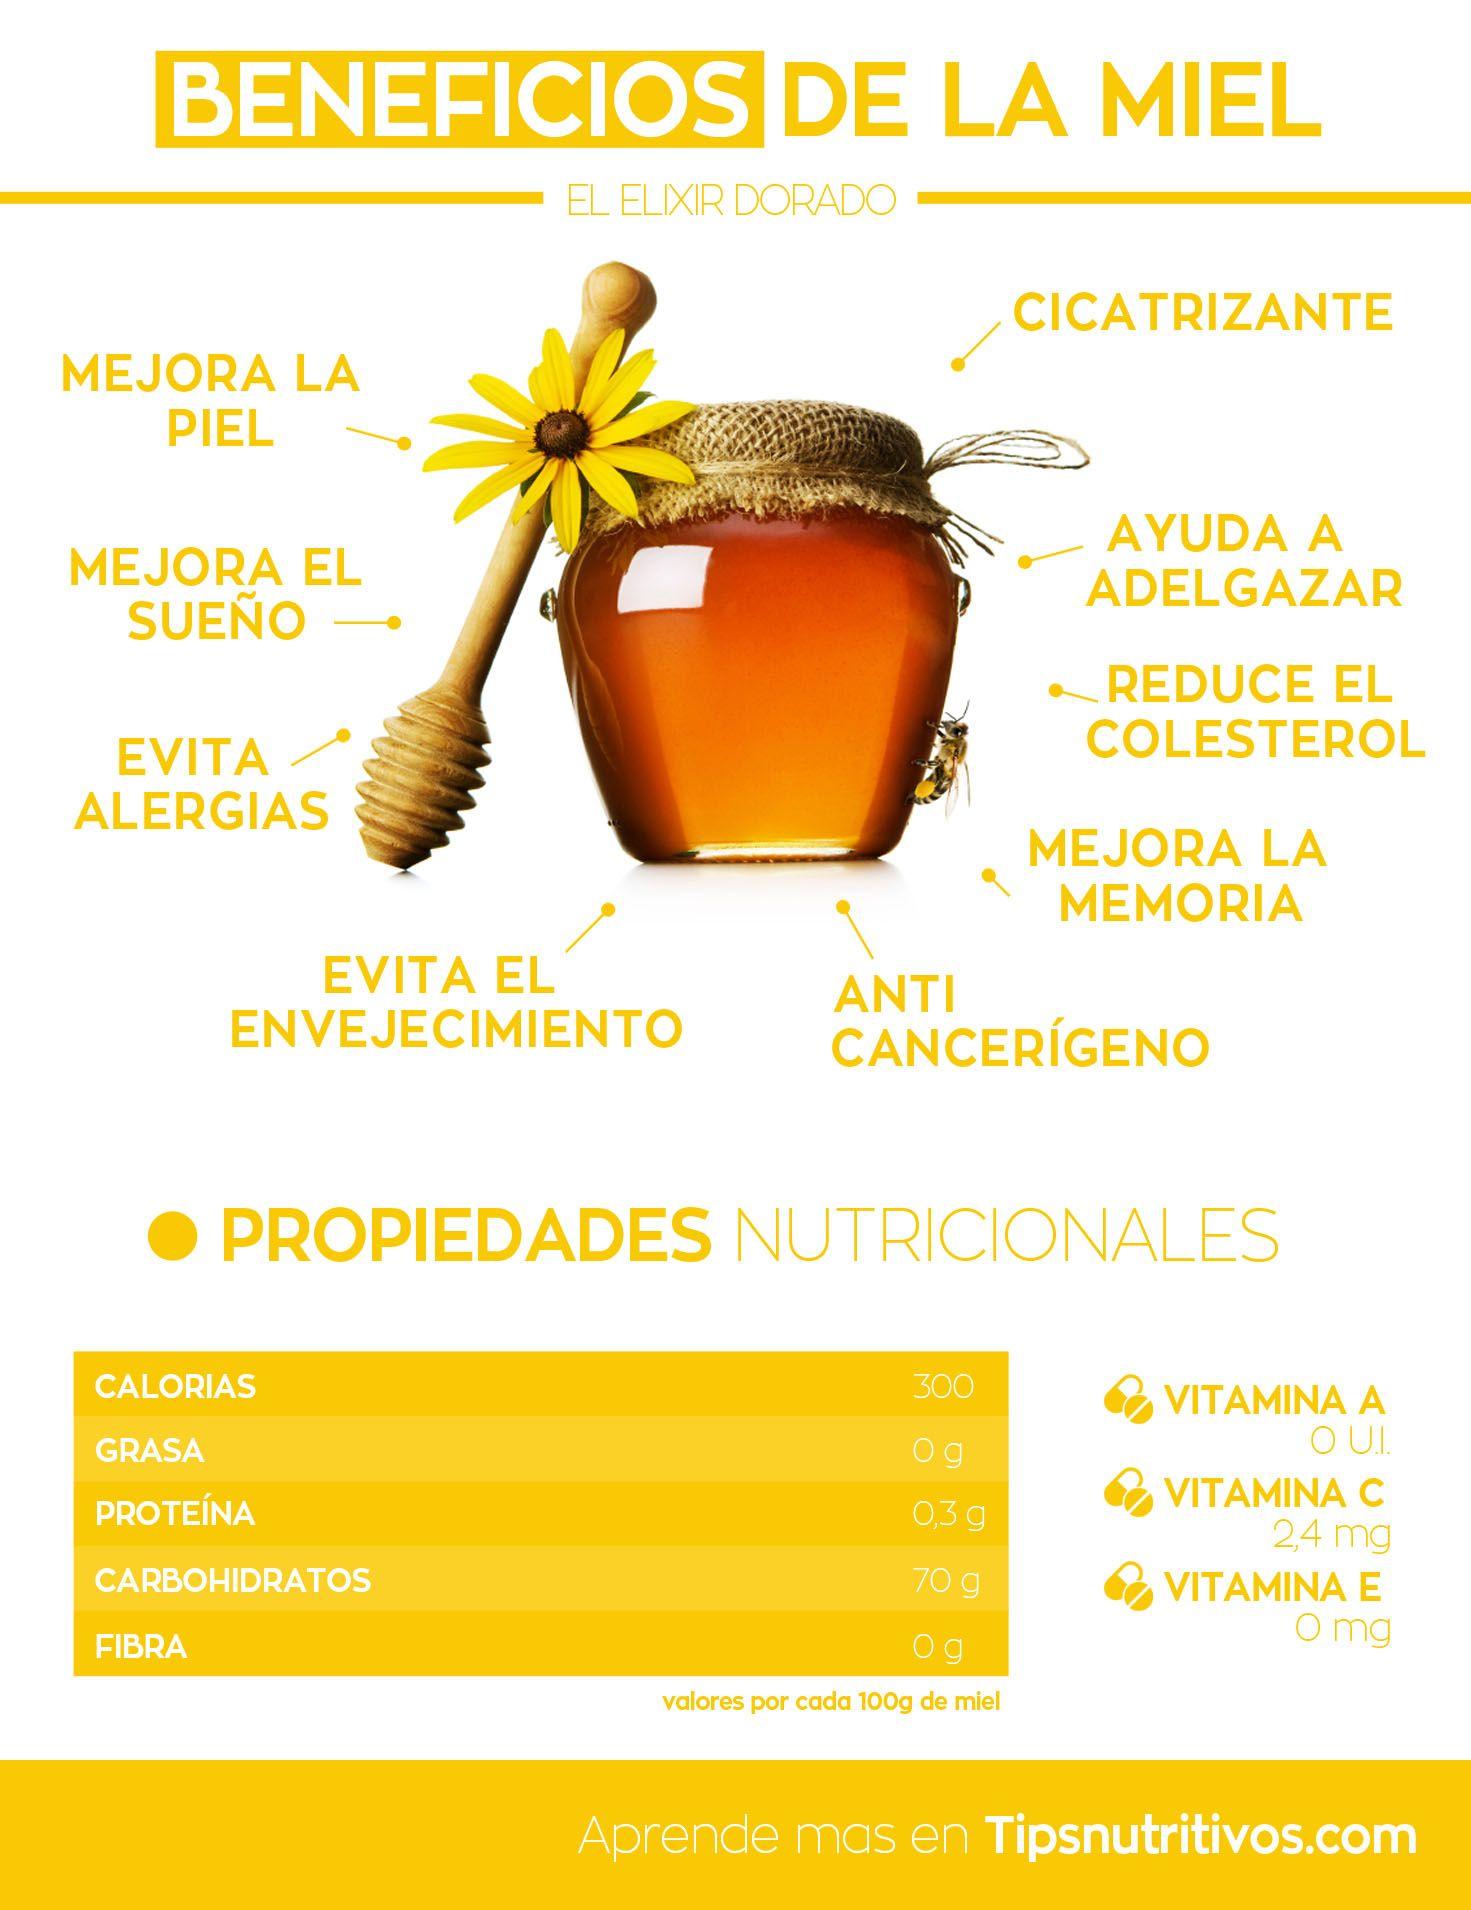 Miel de abeja beneficios para adelgazar